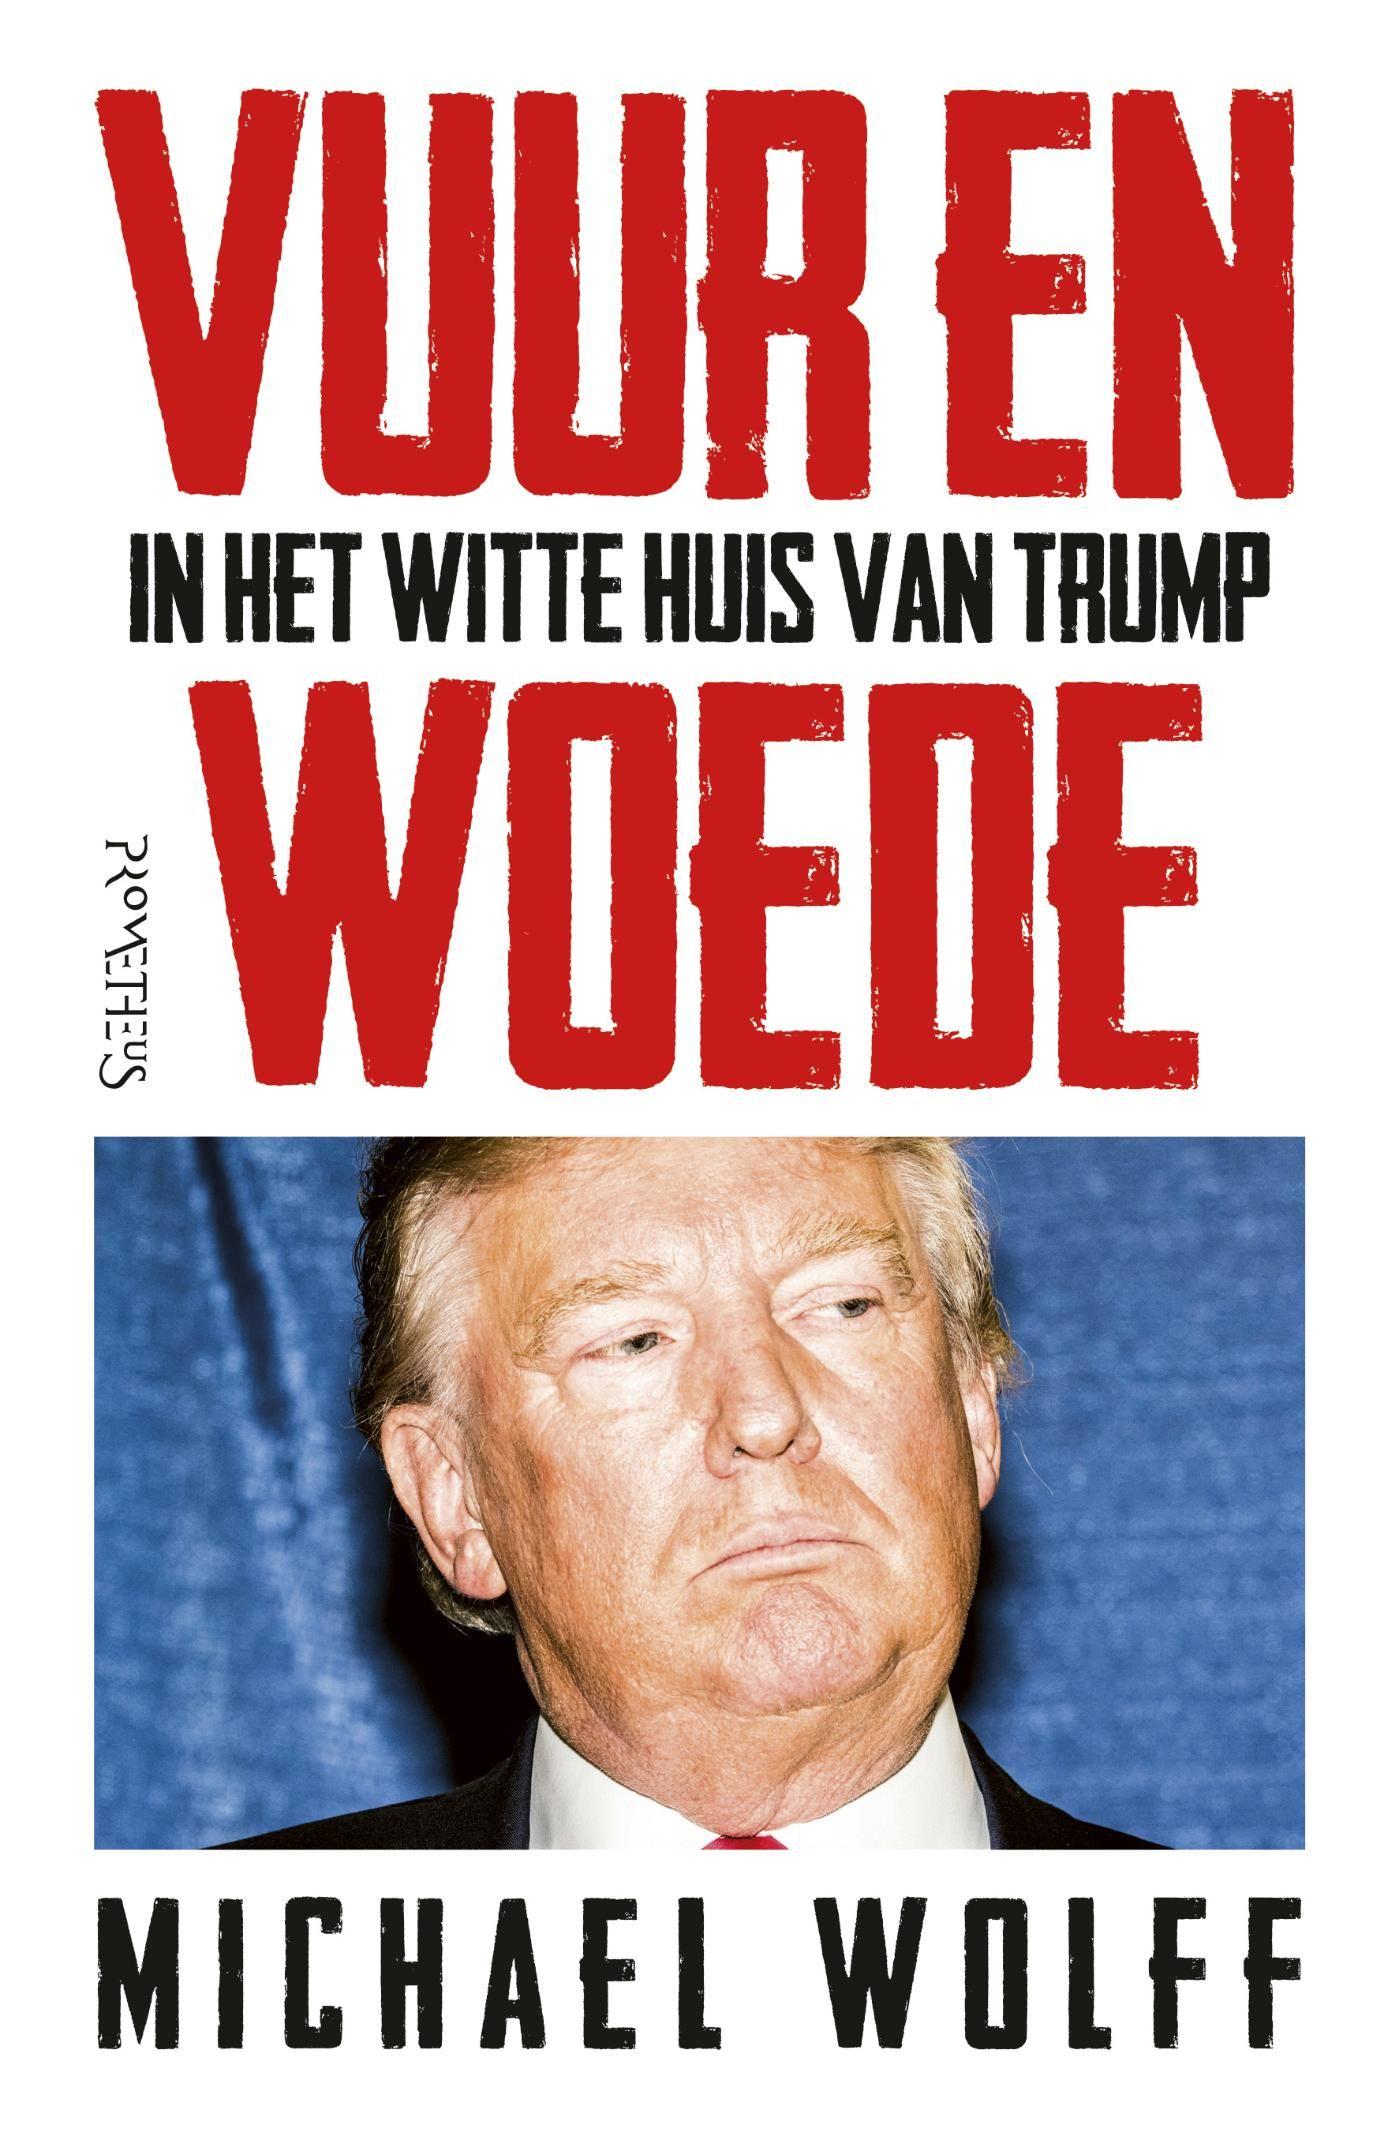 Vuur en woede - boekenflits.nl - boekrecensie